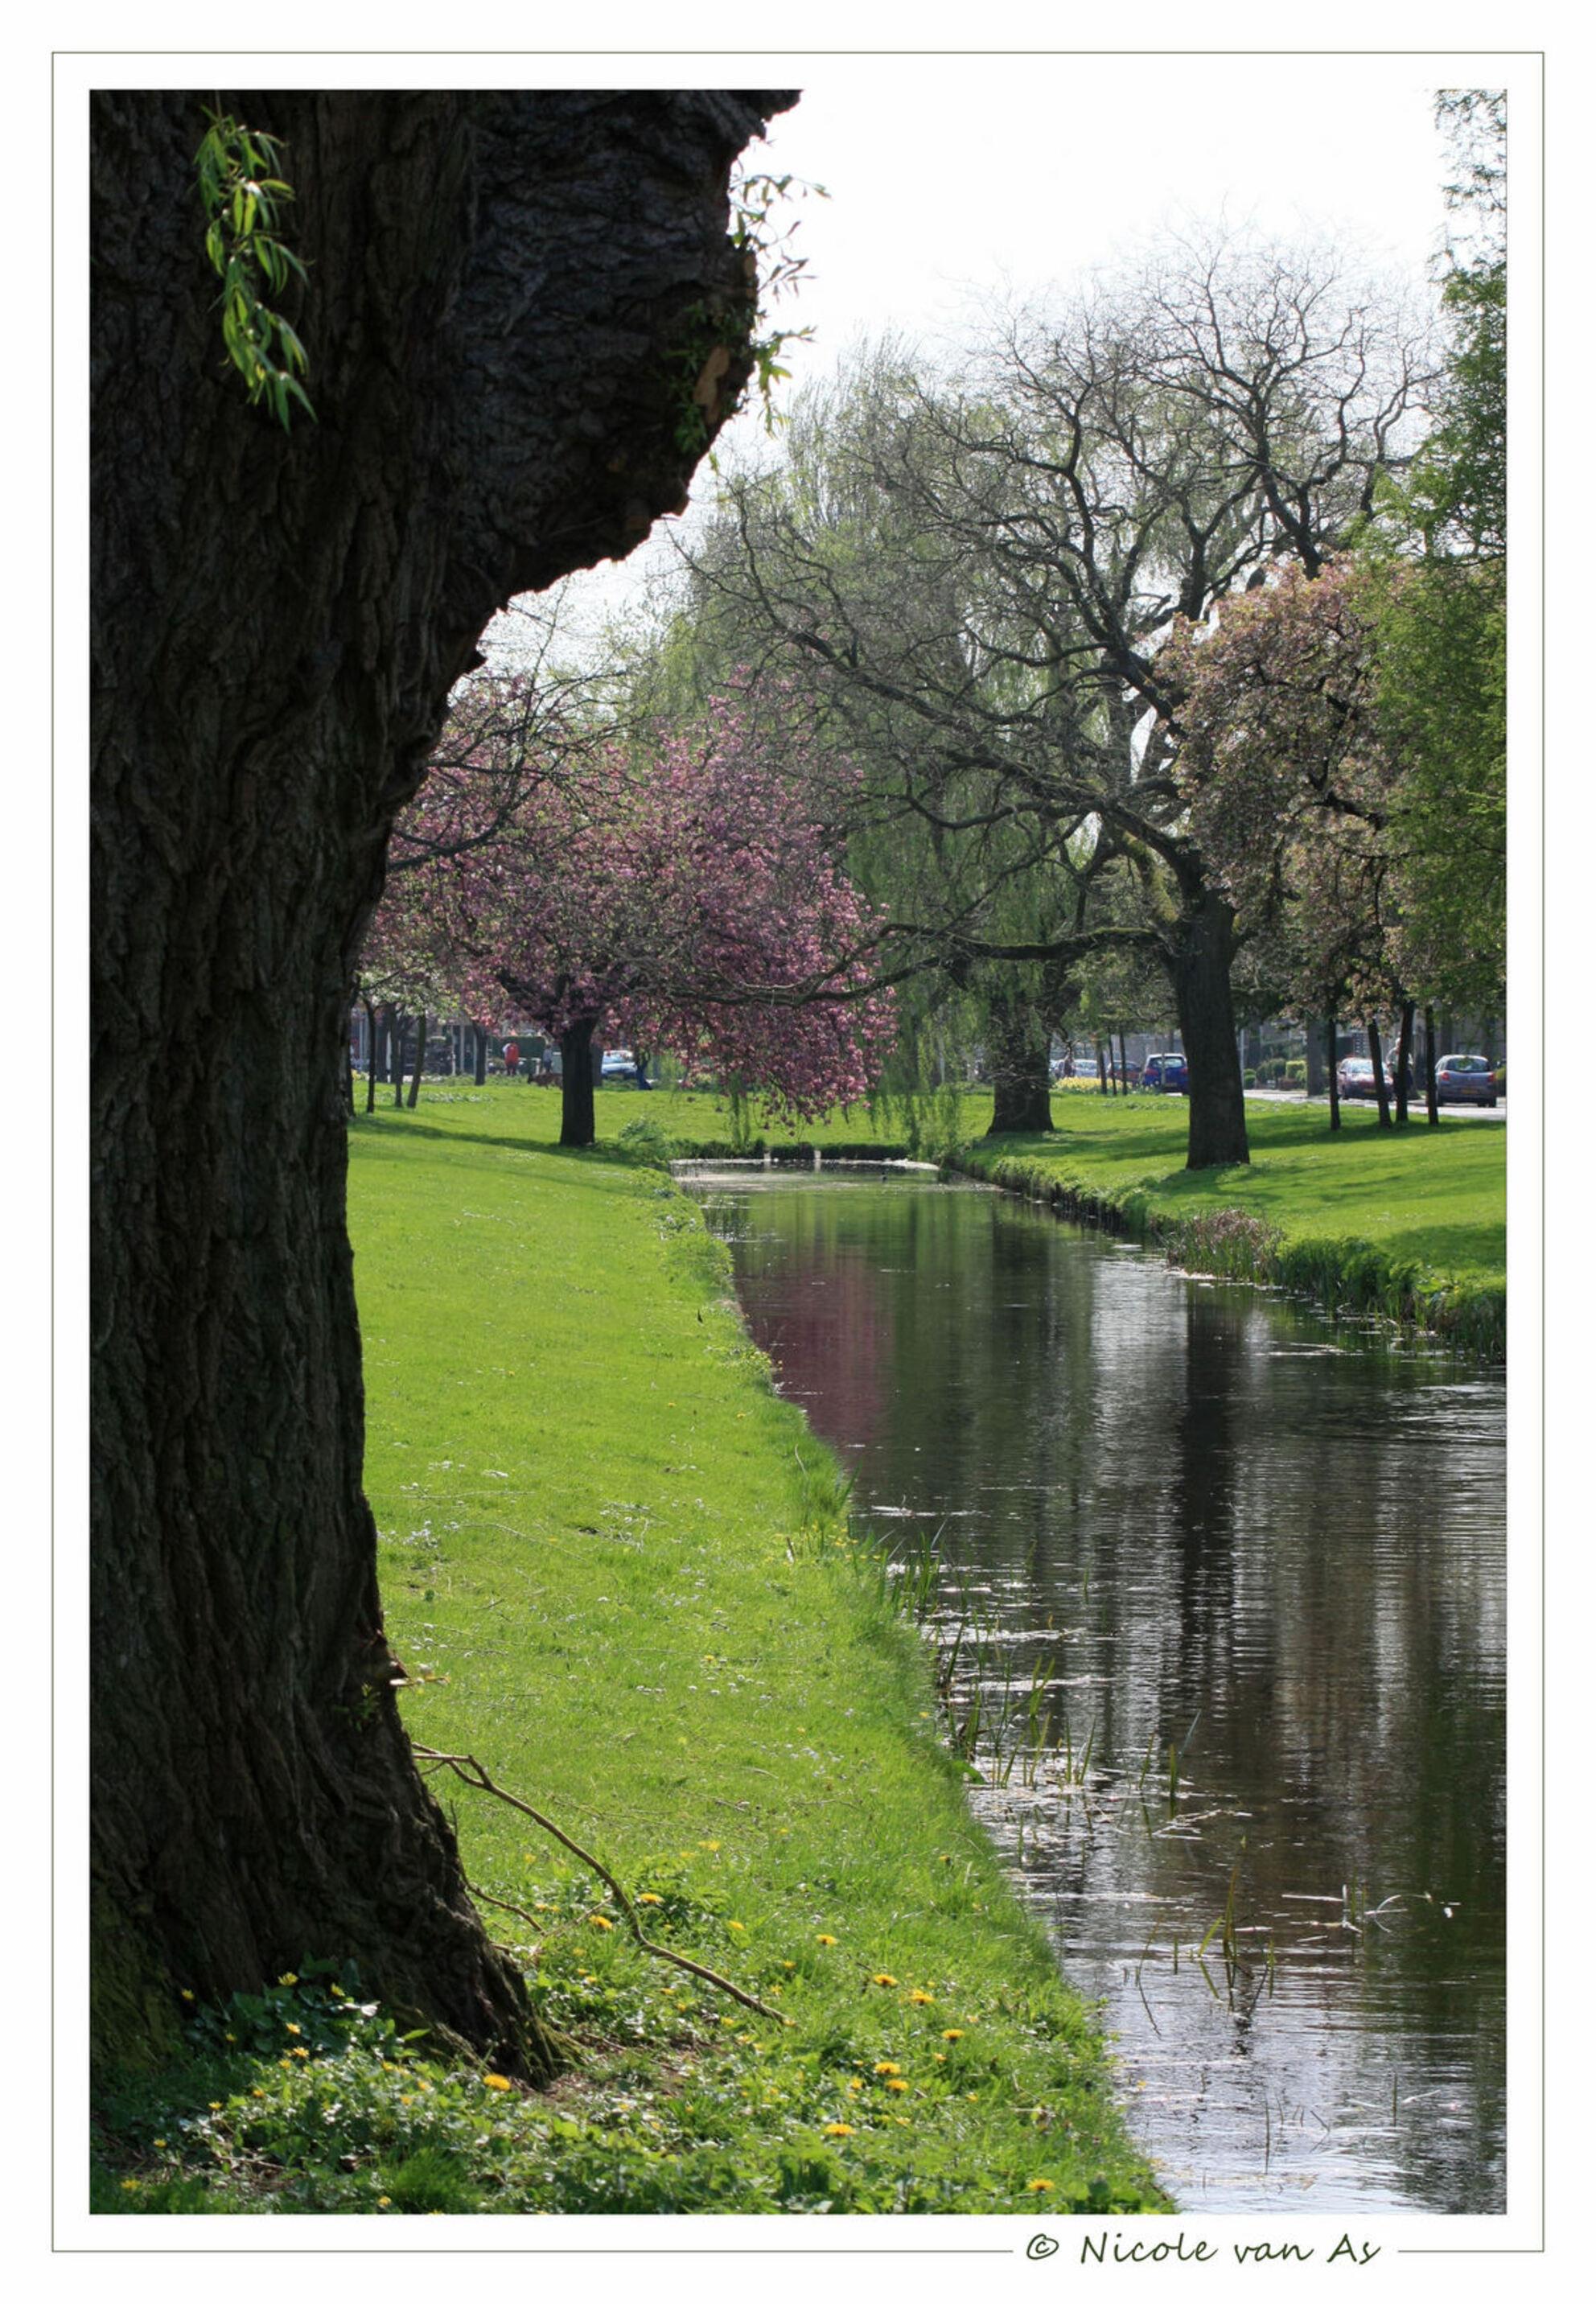 Voorjaar met veel kleuren. - In de herfst is de natuur bruin, Blaadje vallen van de boom.  In de winter is de natuur kaal, Sneeuwvlokjes vallen omlaag.  In de lente is de n - foto door nicole-8 op 16-04-2009 - deze foto bevat: kleuren, lente, natuur, bloemen, voorjaar, sloot, canon, bloesem, nivas, eos450d